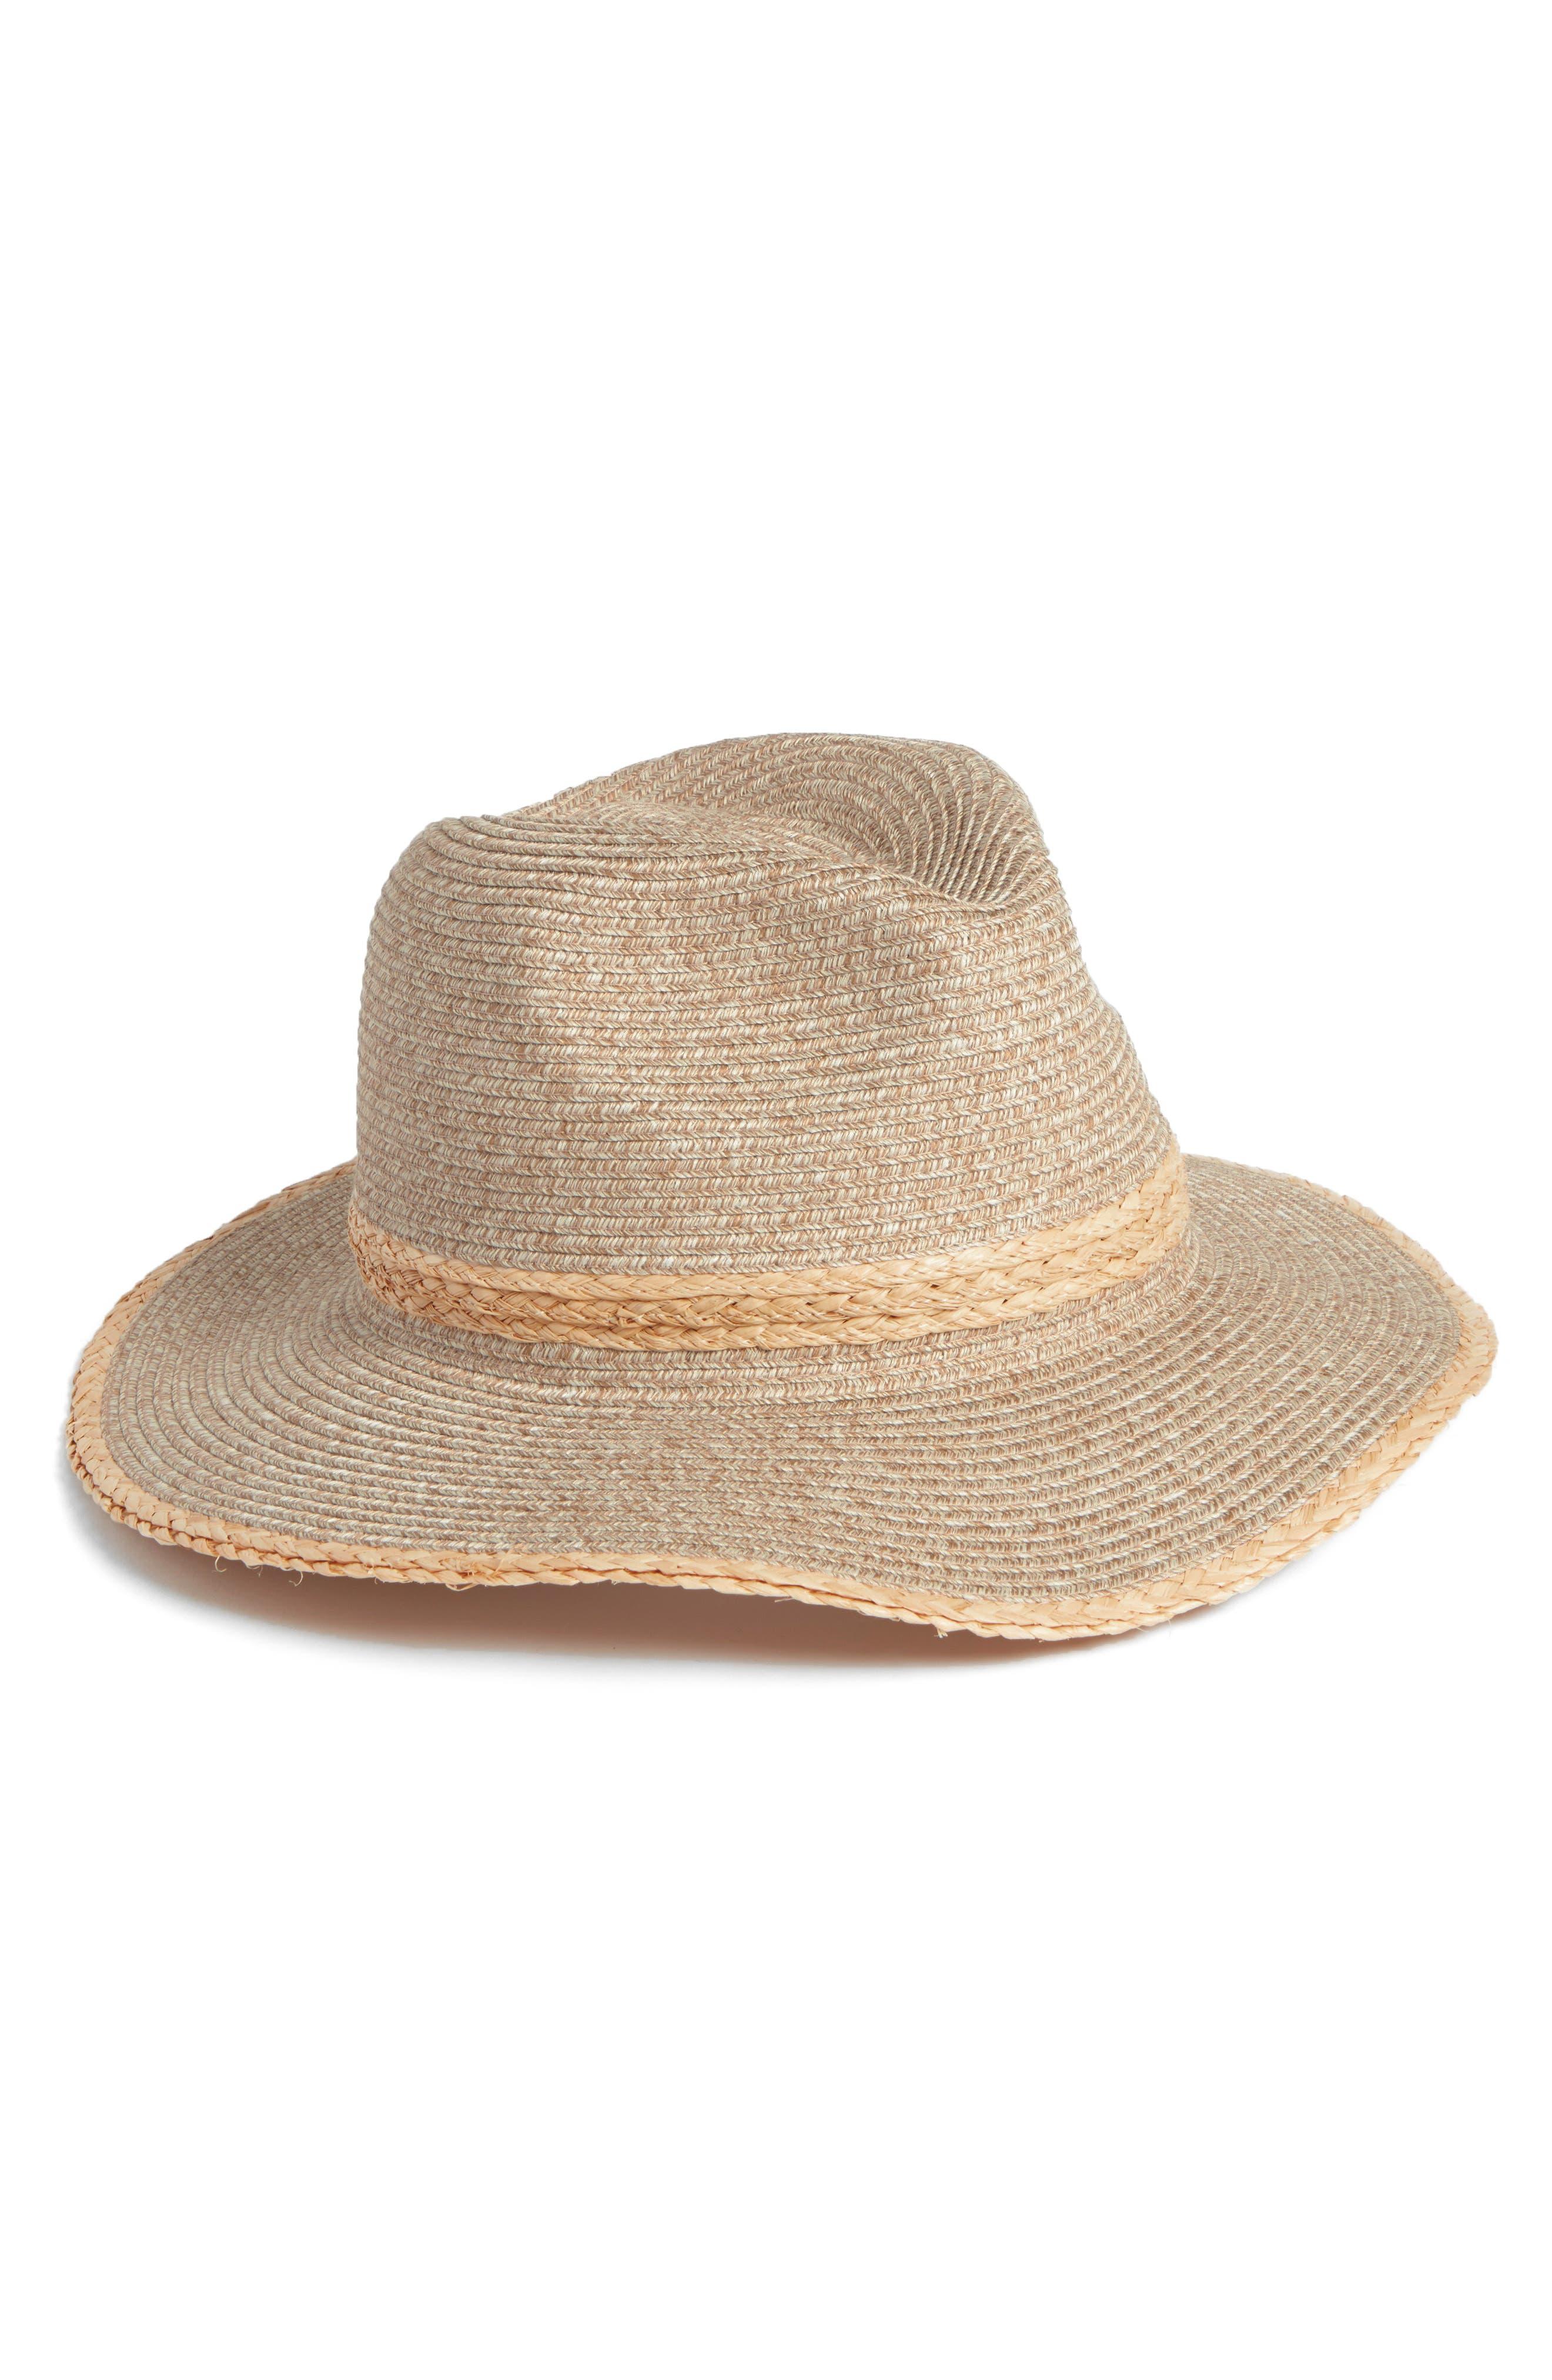 Caslon<sup>®</sup> Packable Panama Hat,                         Main,                         color, 235